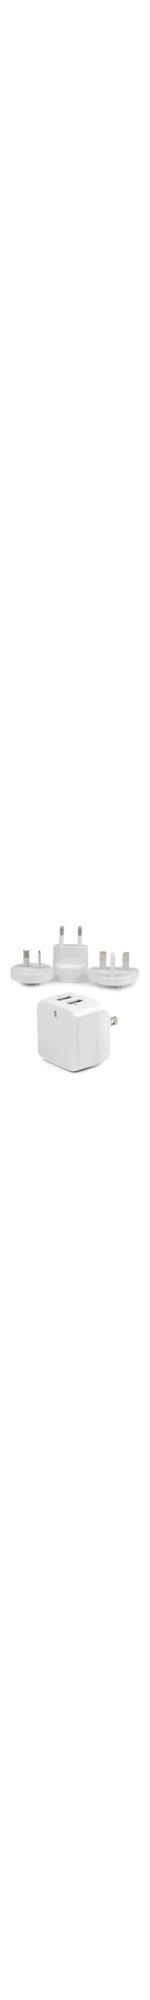 StarTech.com White Dual Port USB Wall Charger - High Power 17 Watt / 3.4 Amp - Travel Charger International